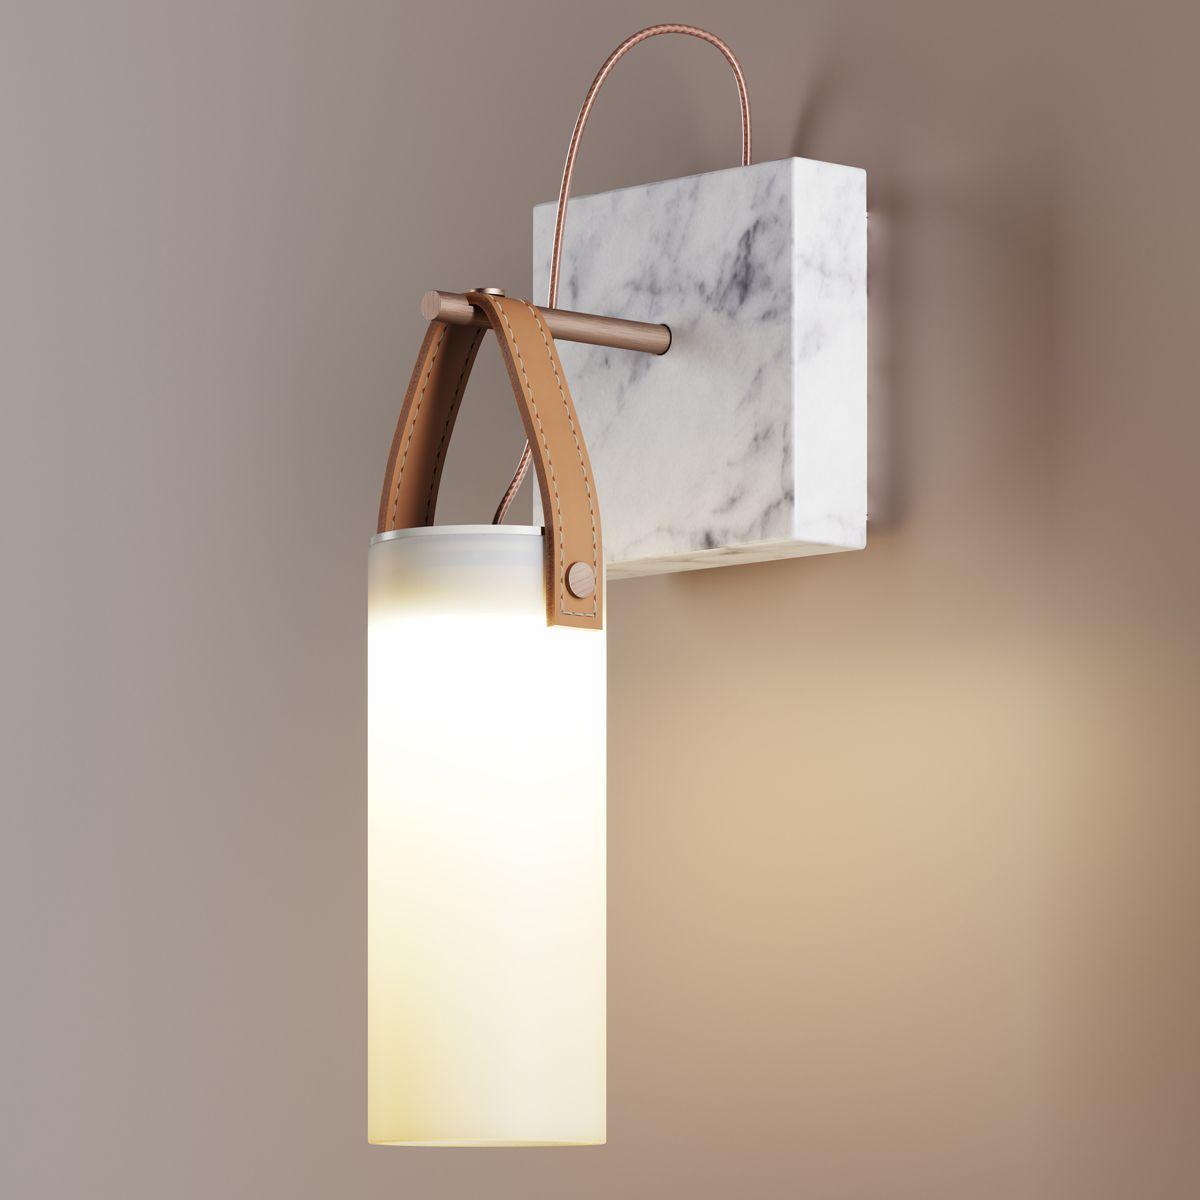 Galerie lampada da parete di Fontana Arte Led